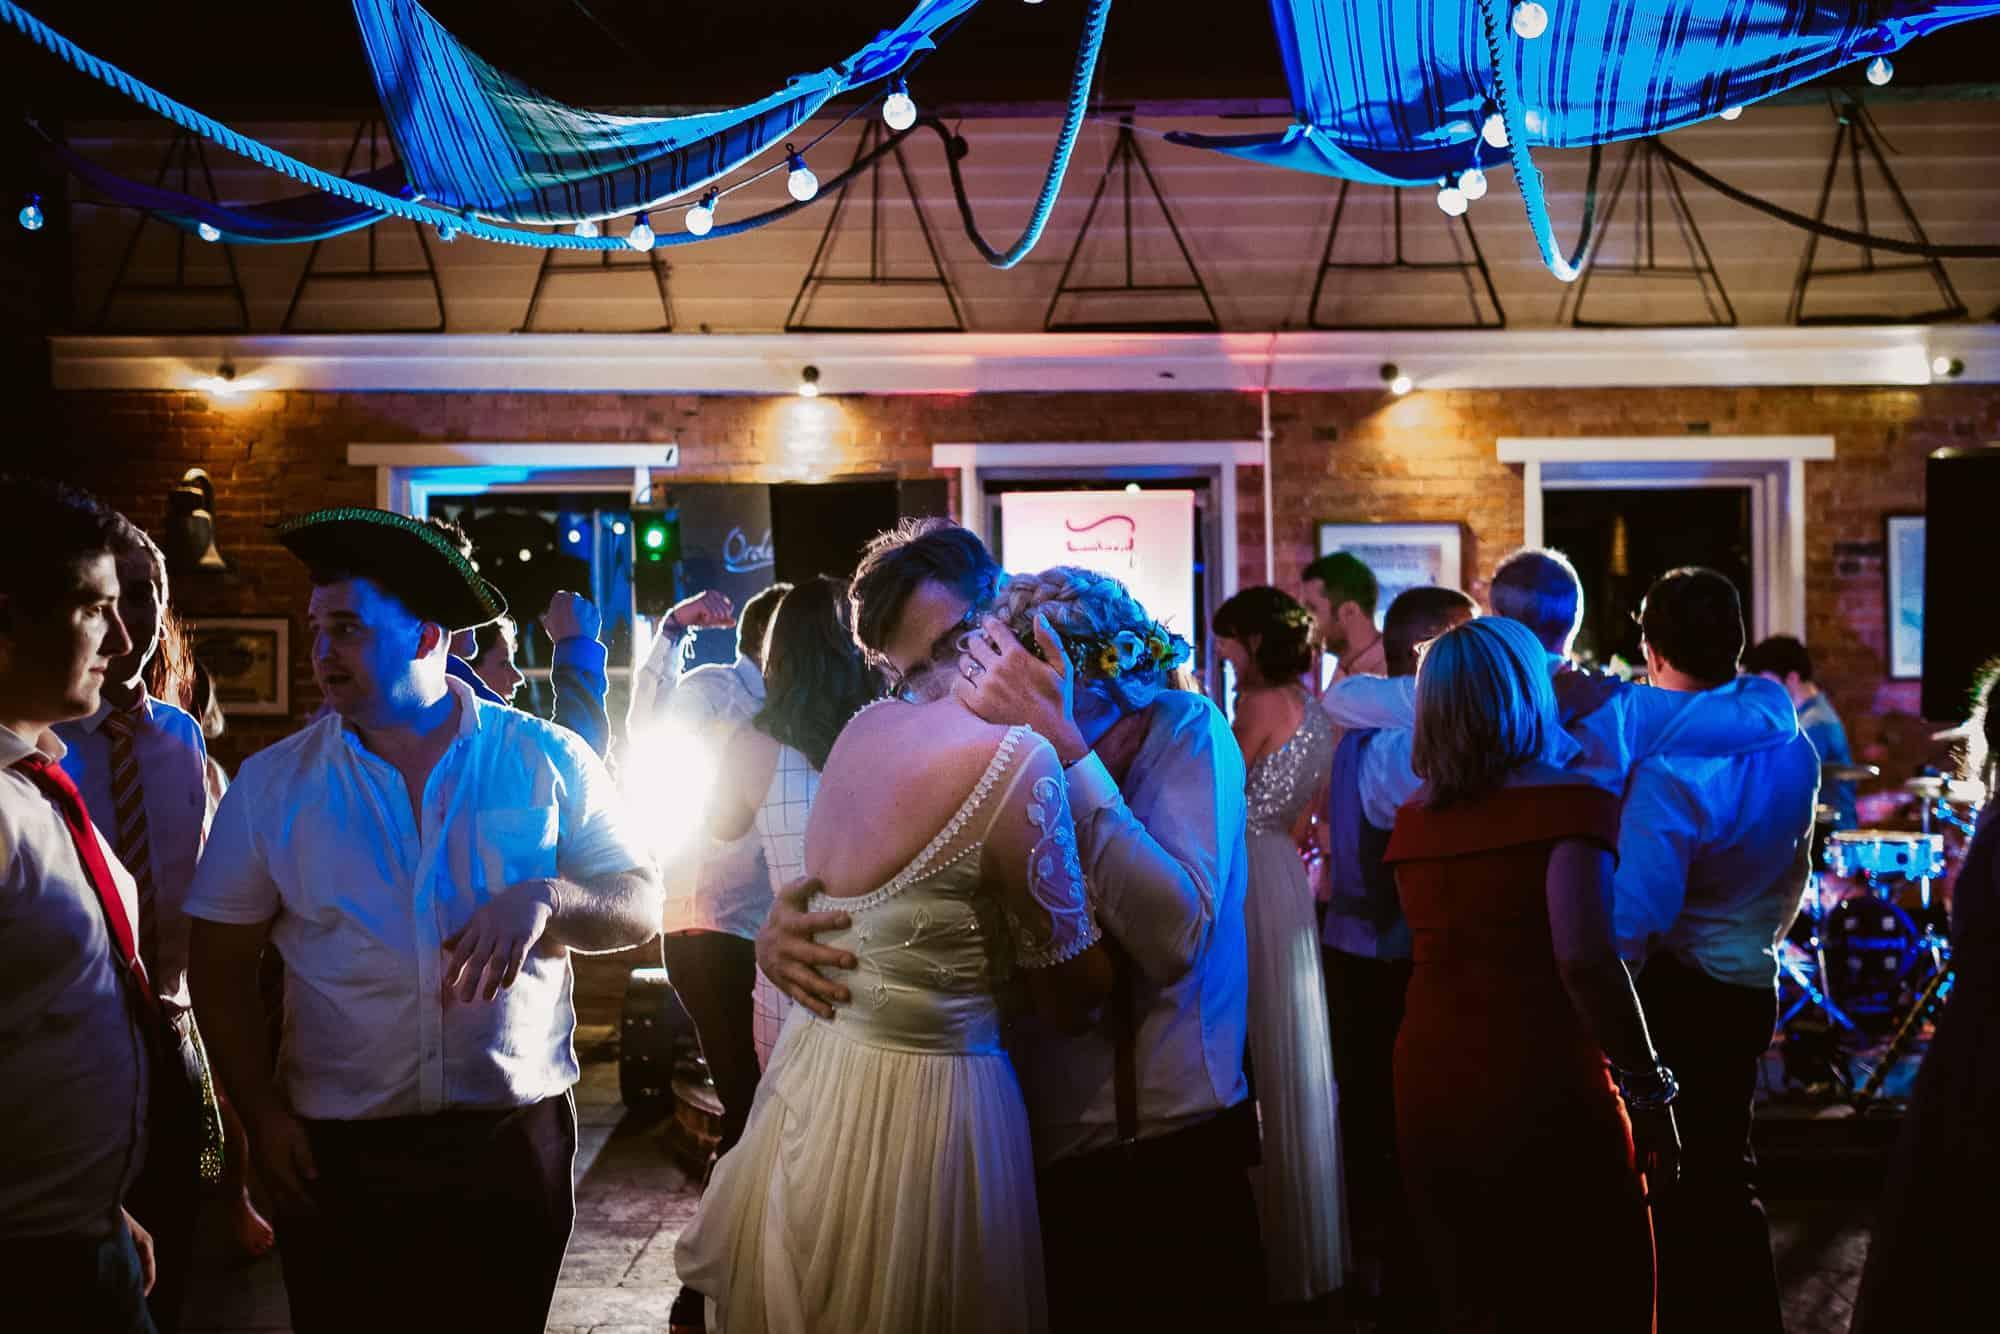 east-quay-wedding-photography-matt-tyler-0116